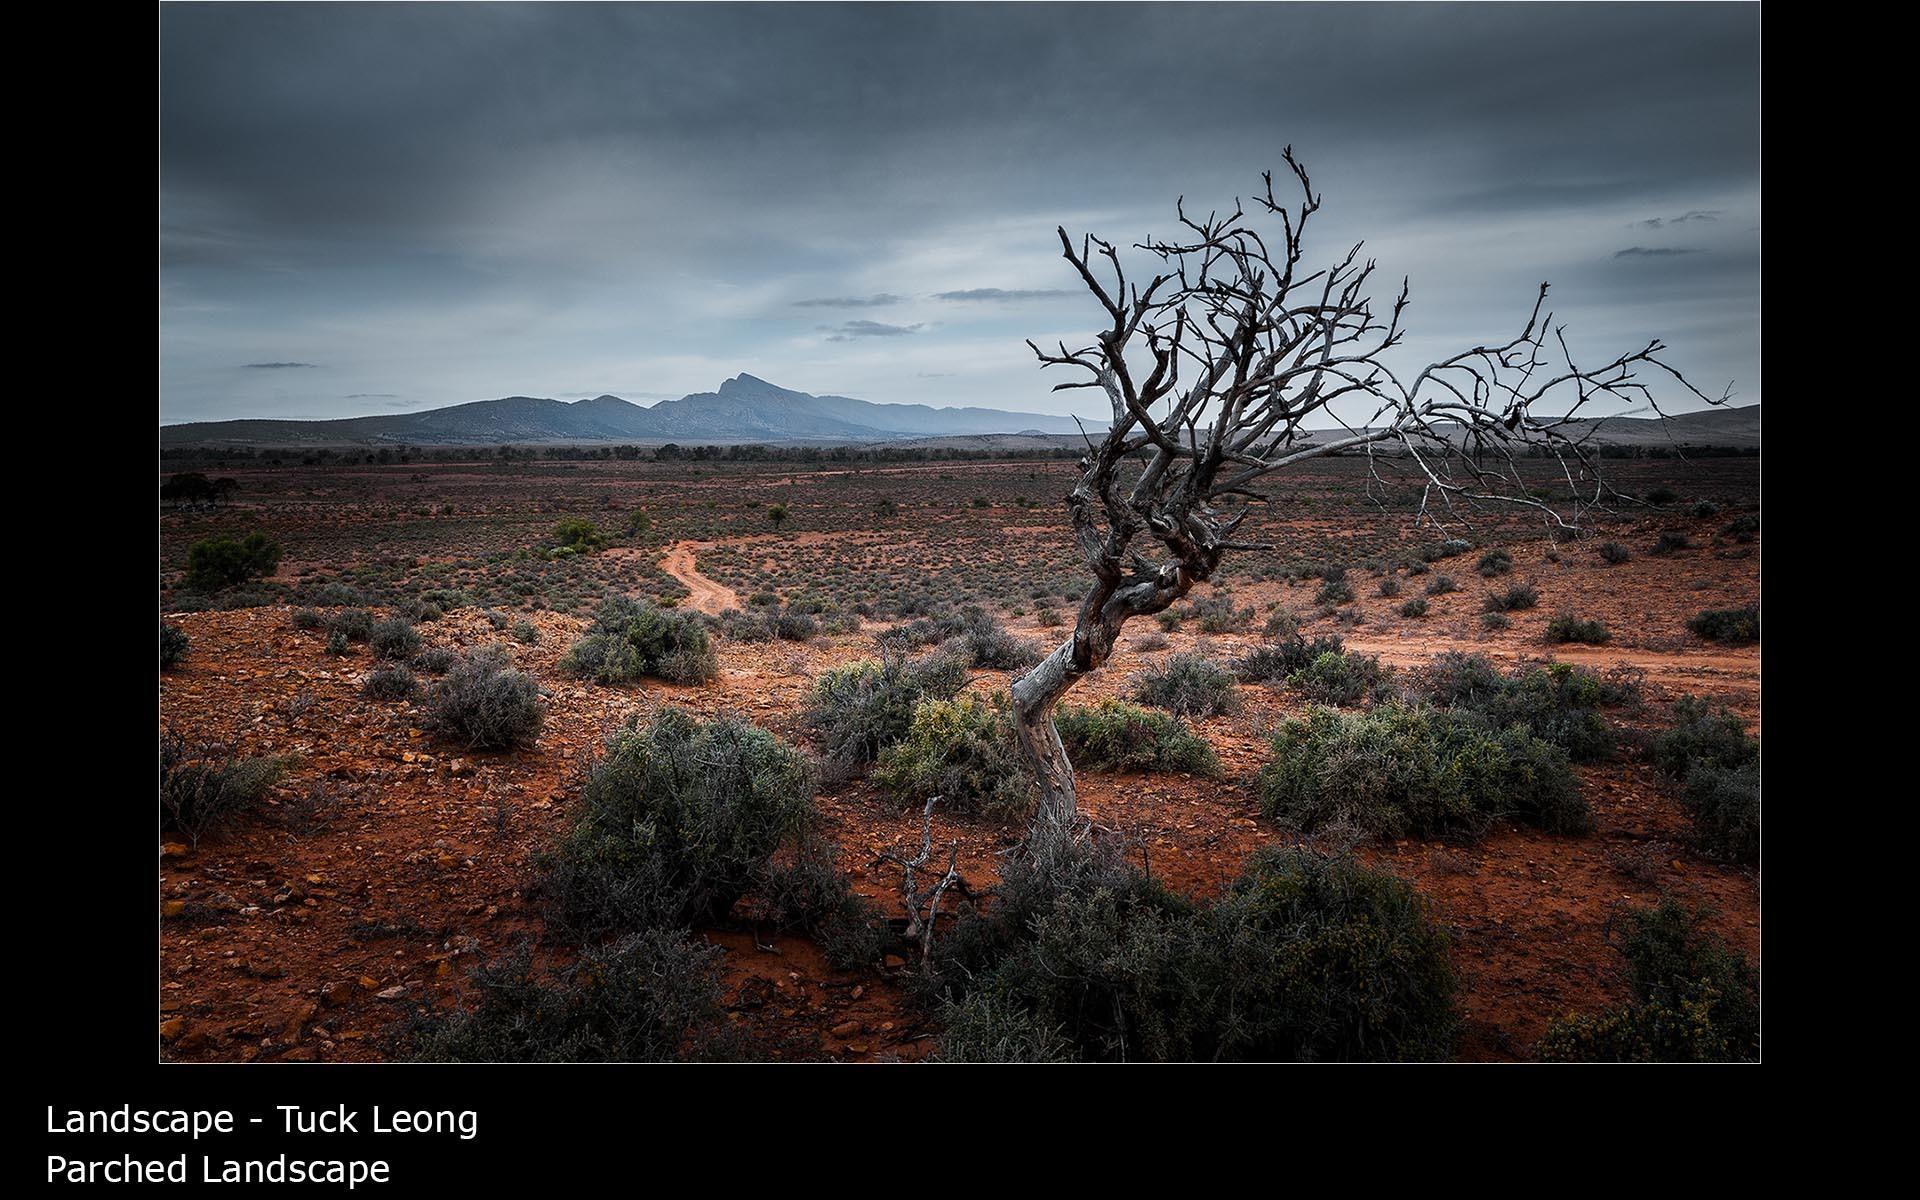 Parched Landscape - Tuck Leong